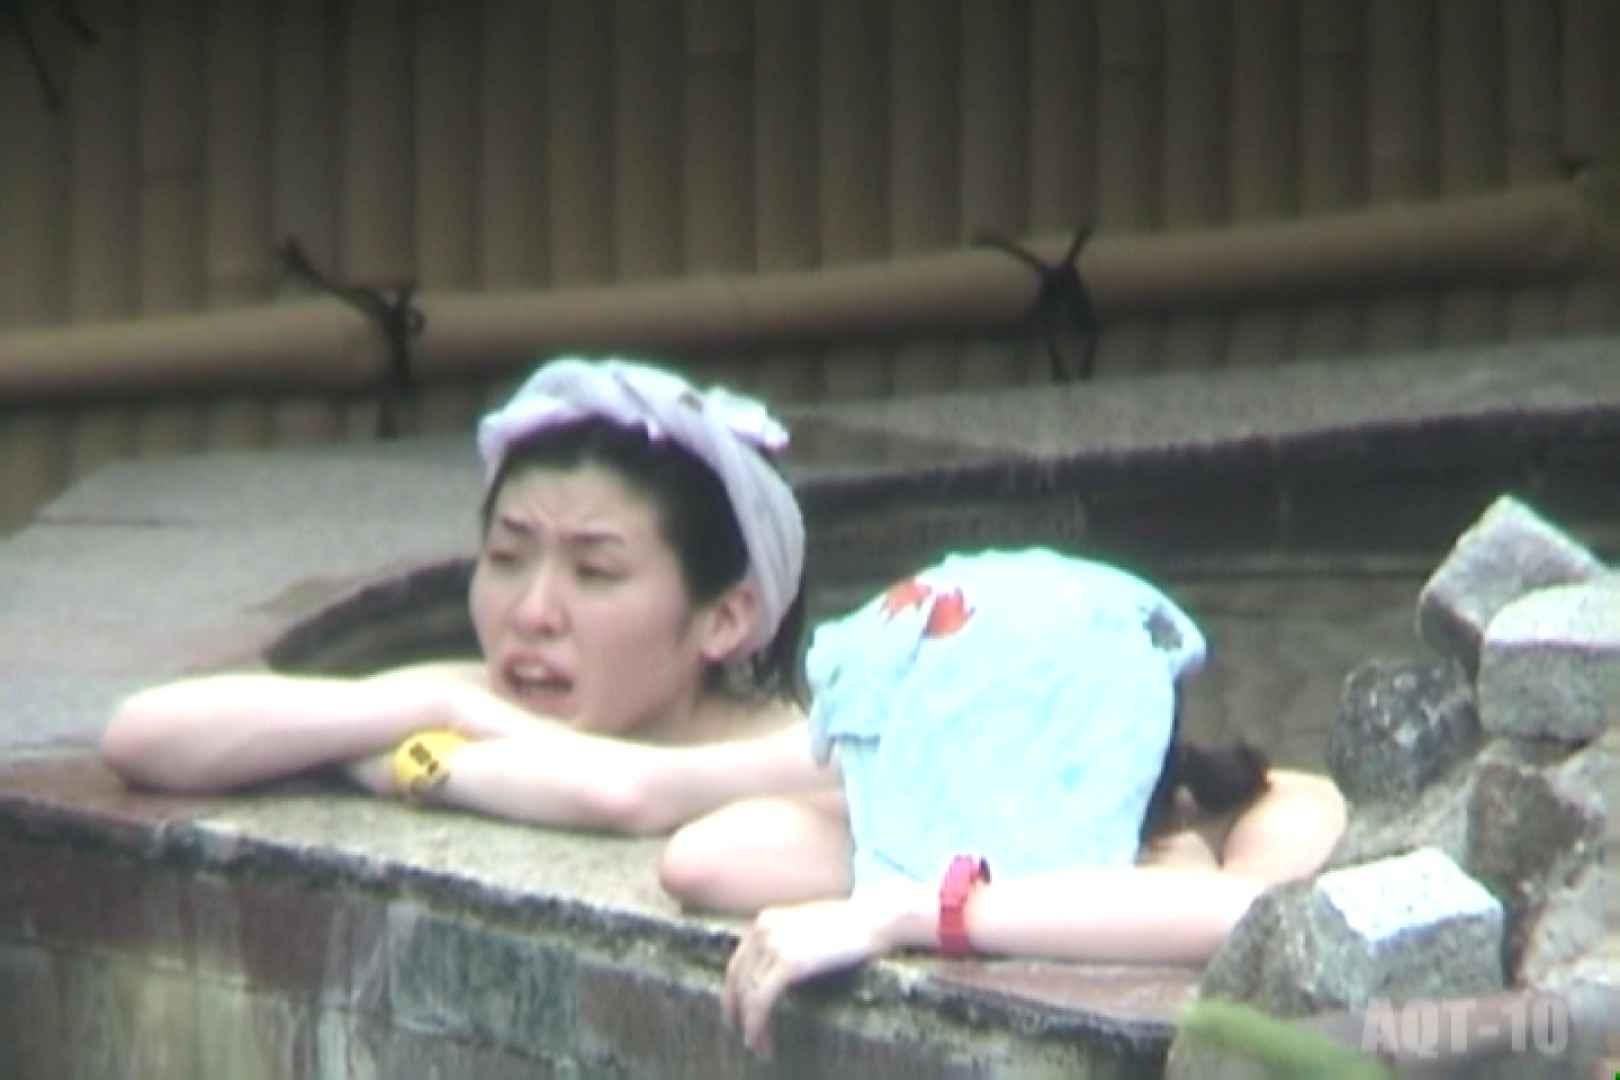 Aquaな露天風呂Vol.793 盗撮シリーズ  93PIX 40